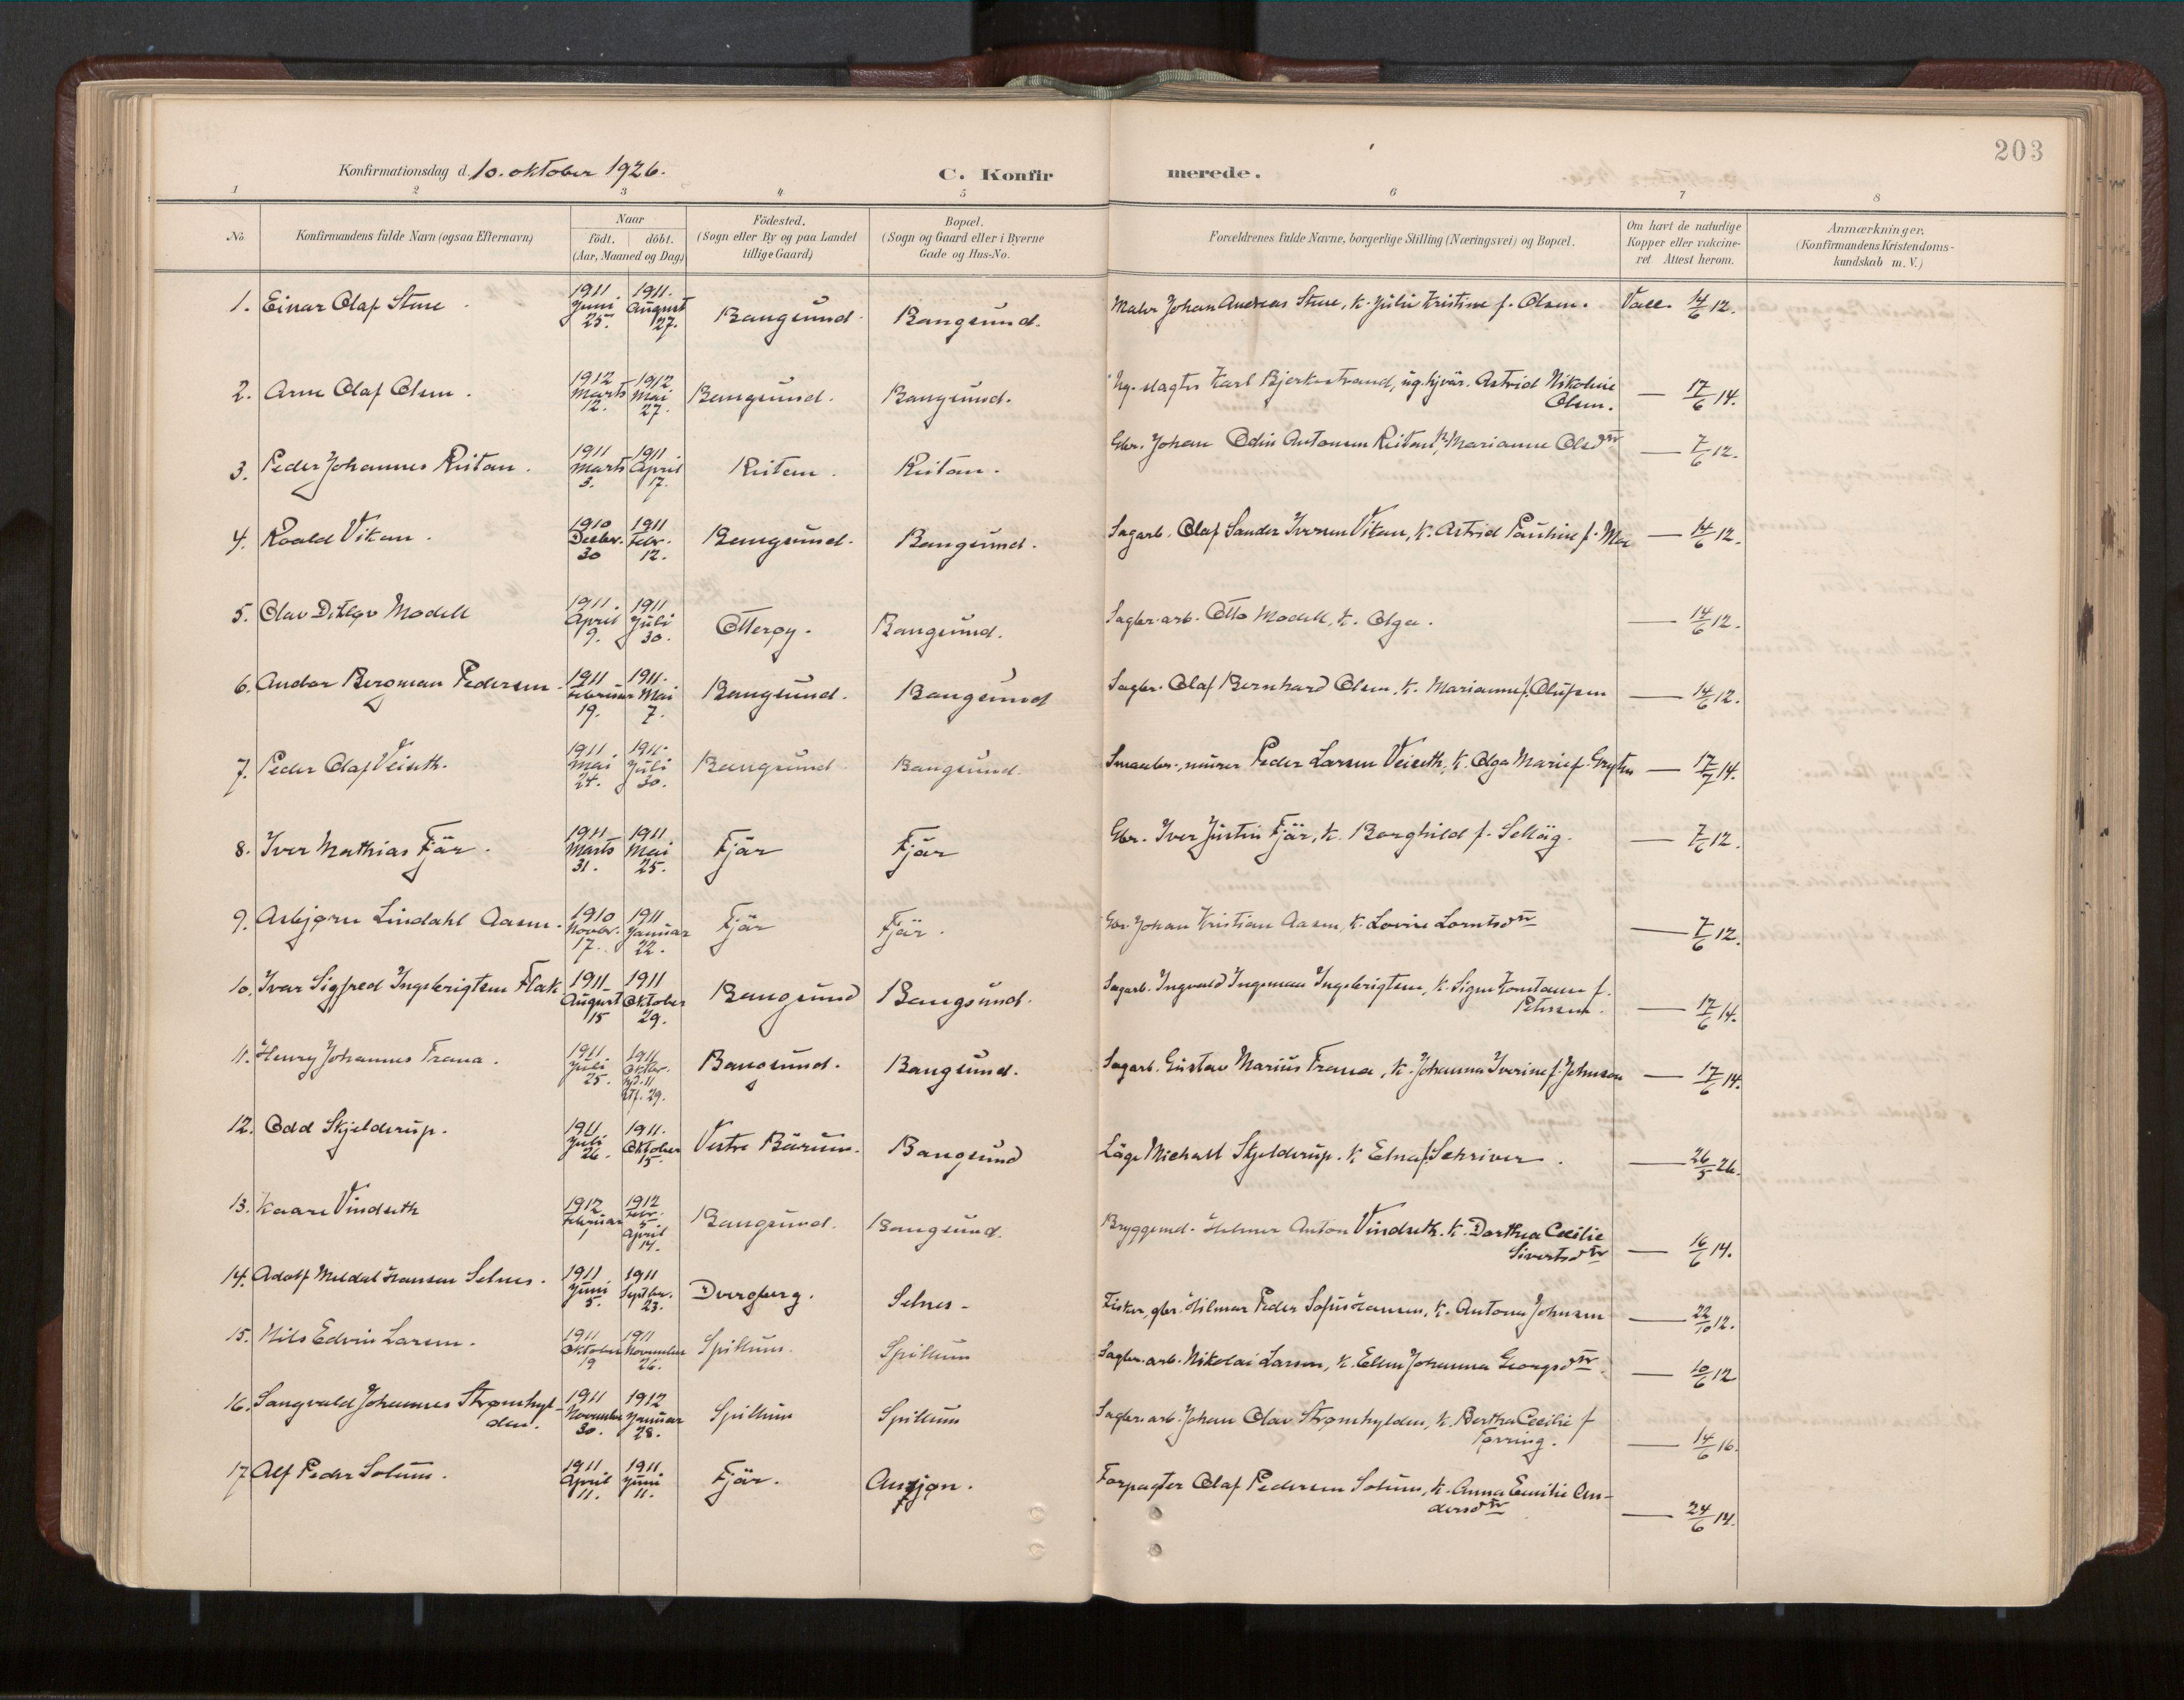 SAT, Ministerialprotokoller, klokkerbøker og fødselsregistre - Nord-Trøndelag, 770/L0589: Ministerialbok nr. 770A03, 1887-1929, s. 203